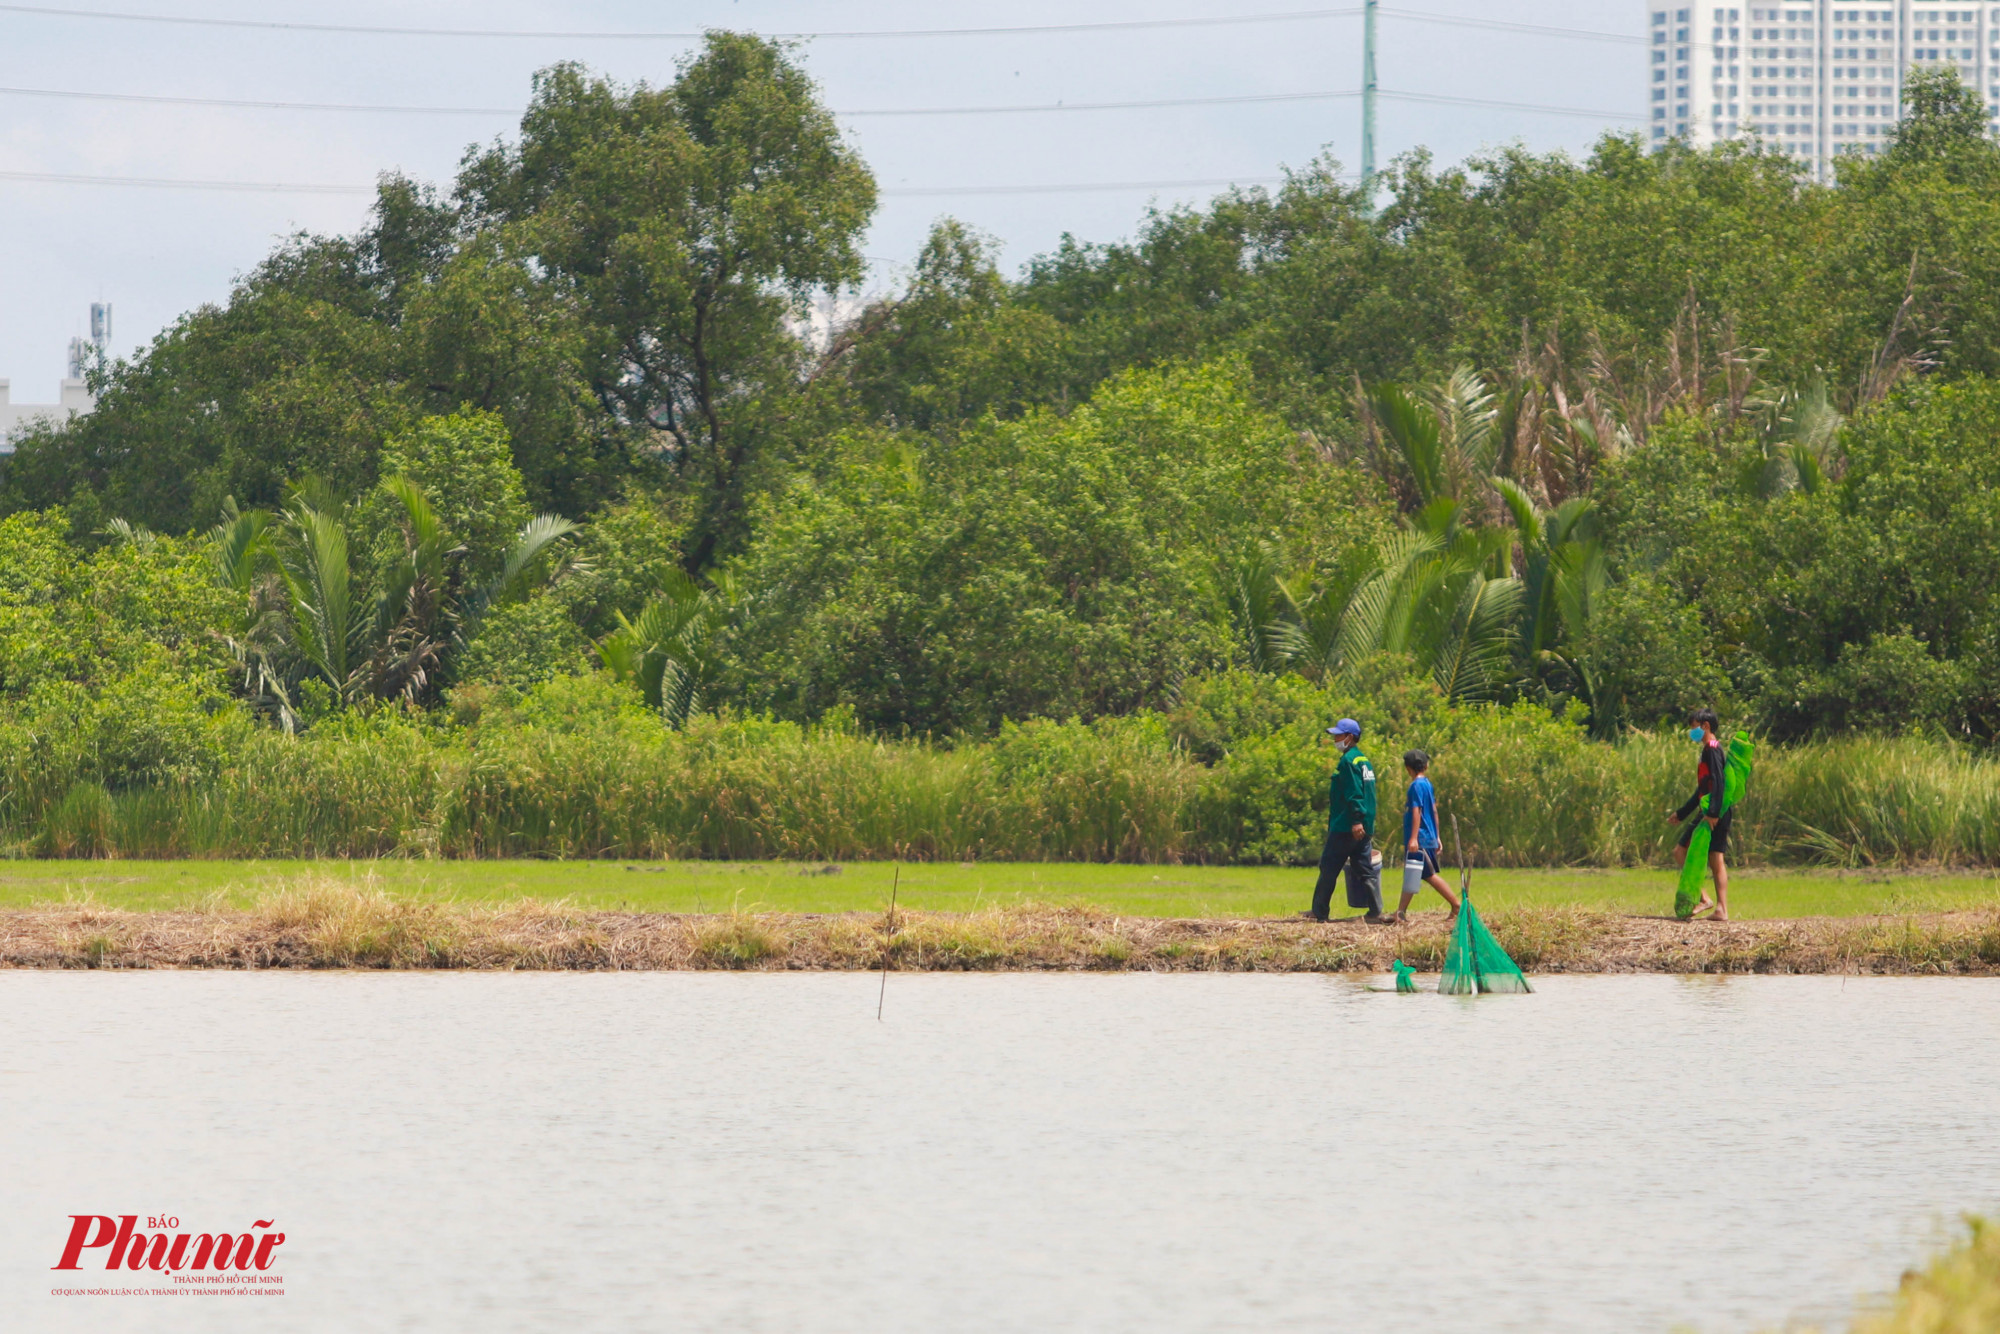 Cách điểm gặt lúa không xa, nhóm người lưới cá đang trở về nhà